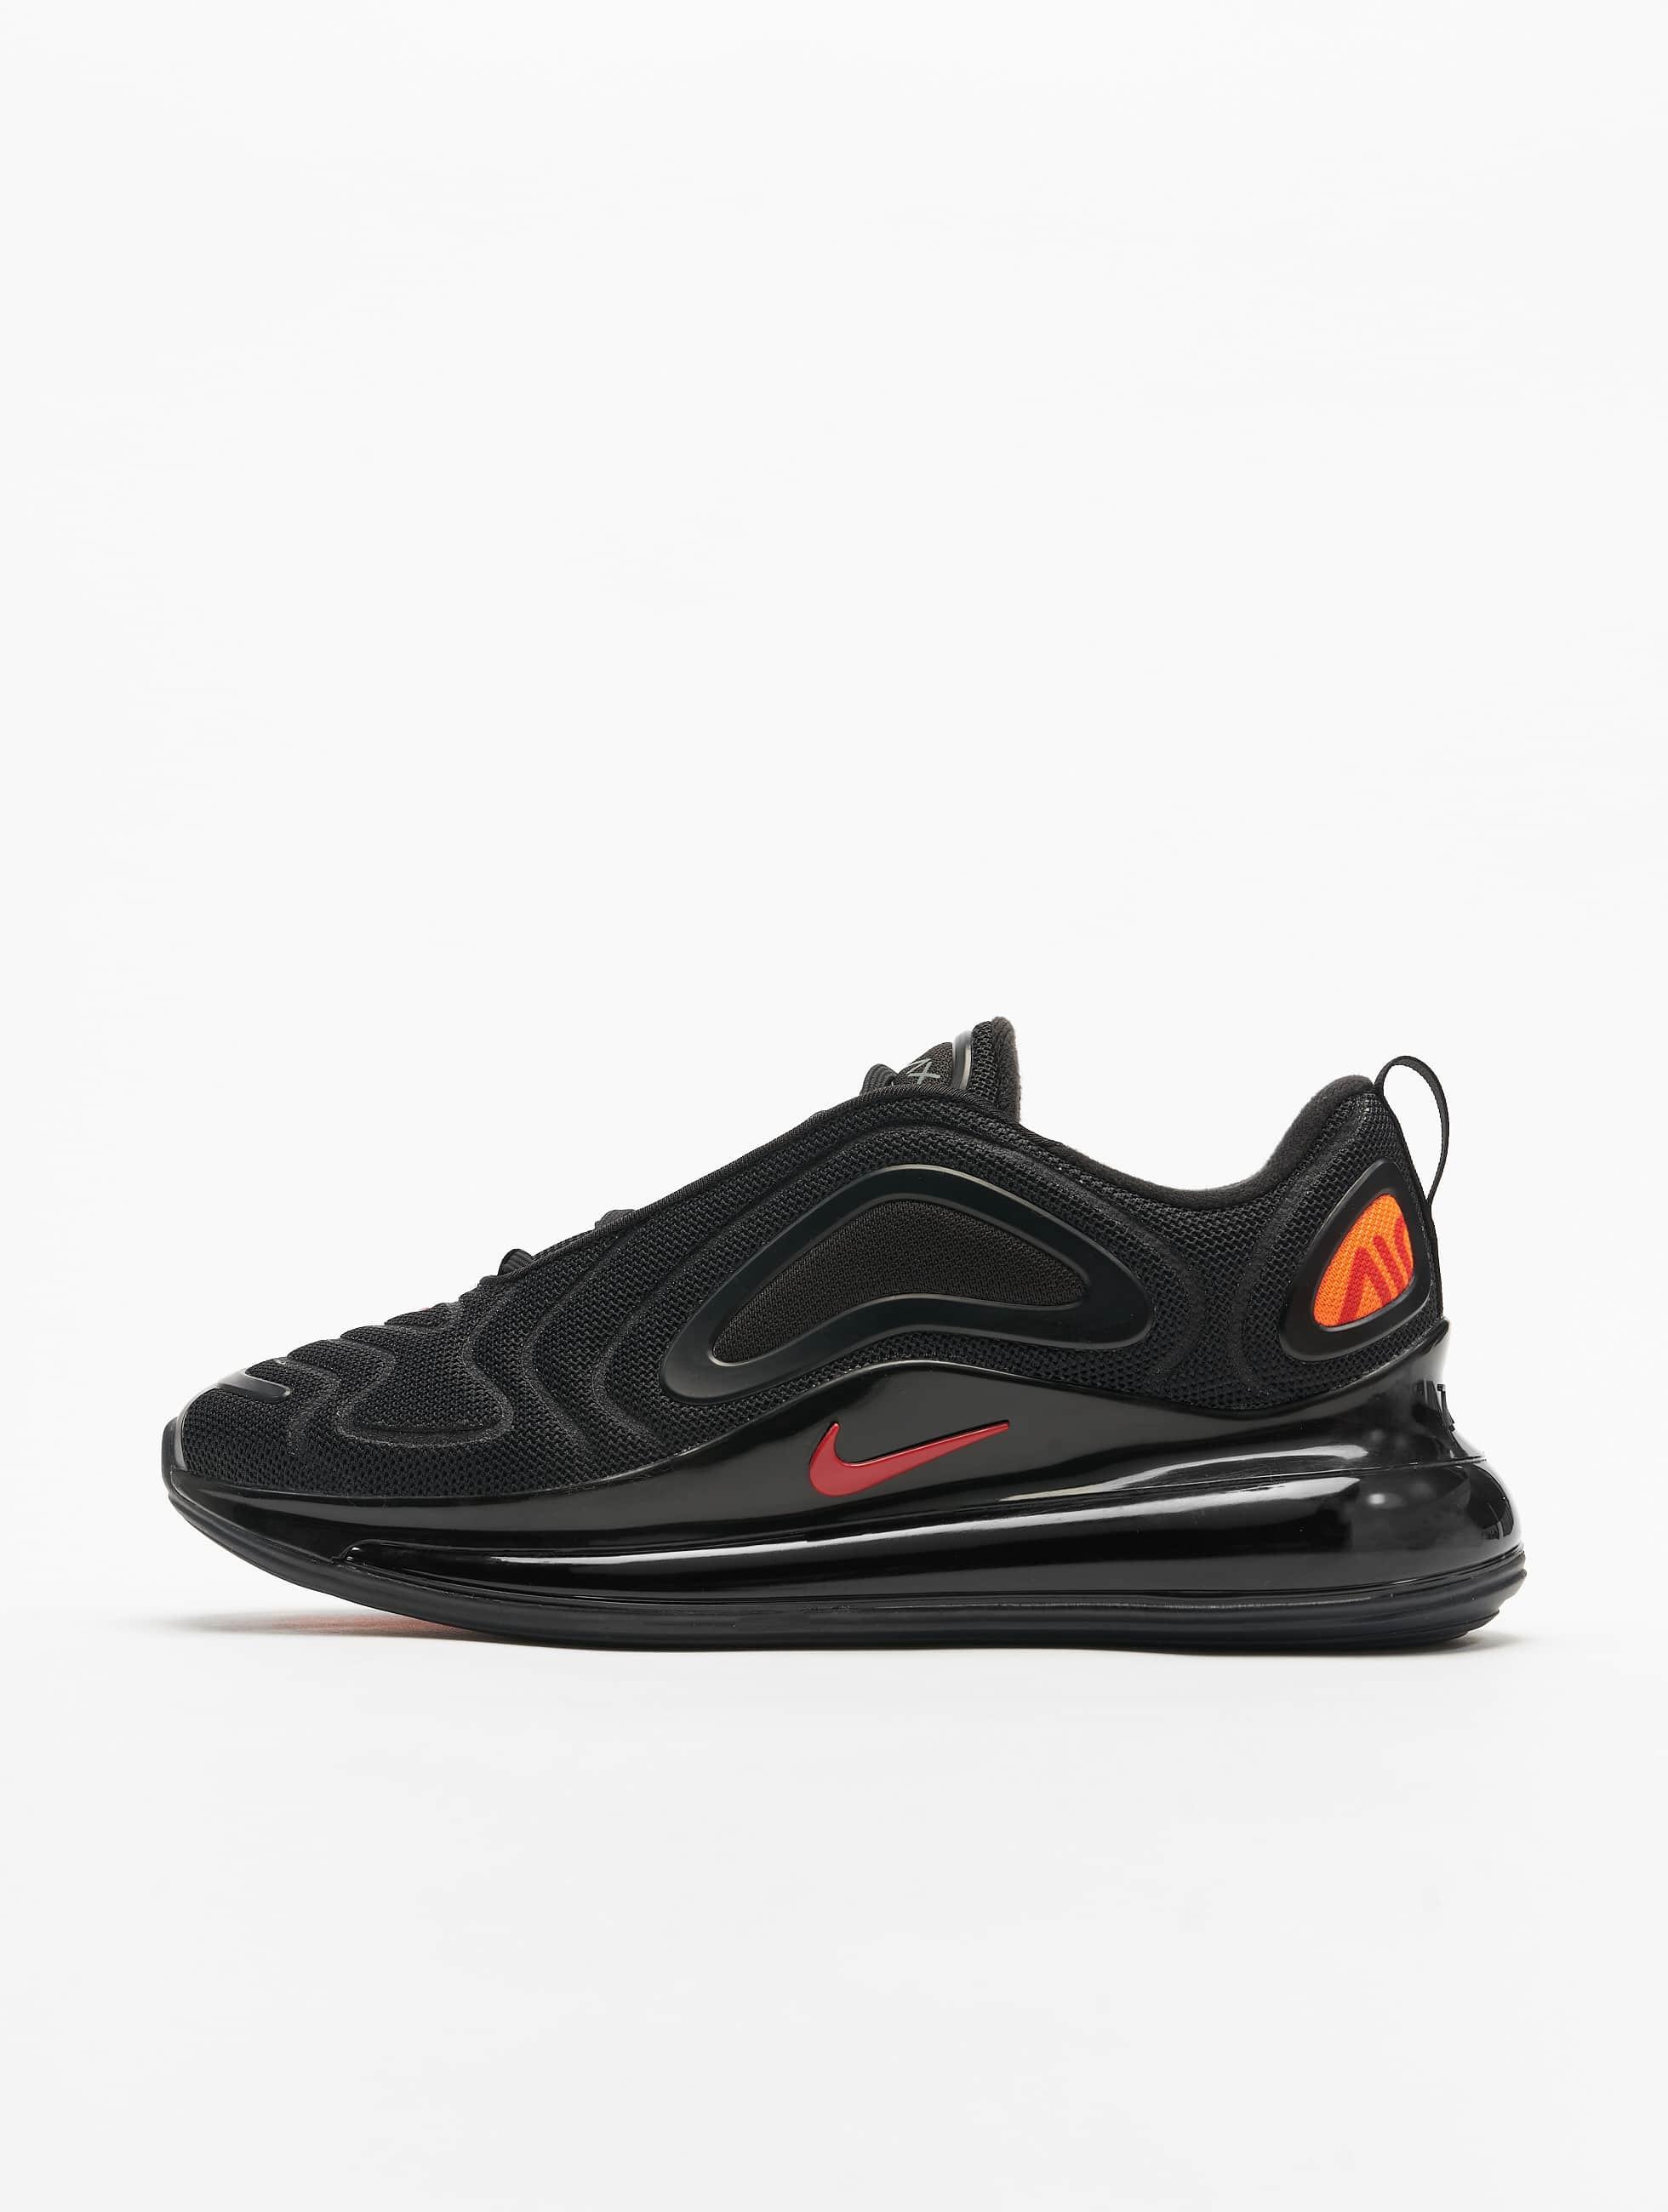 Nike Air Max 90 Dark GreyTotal Crimson | Eastbay Blog